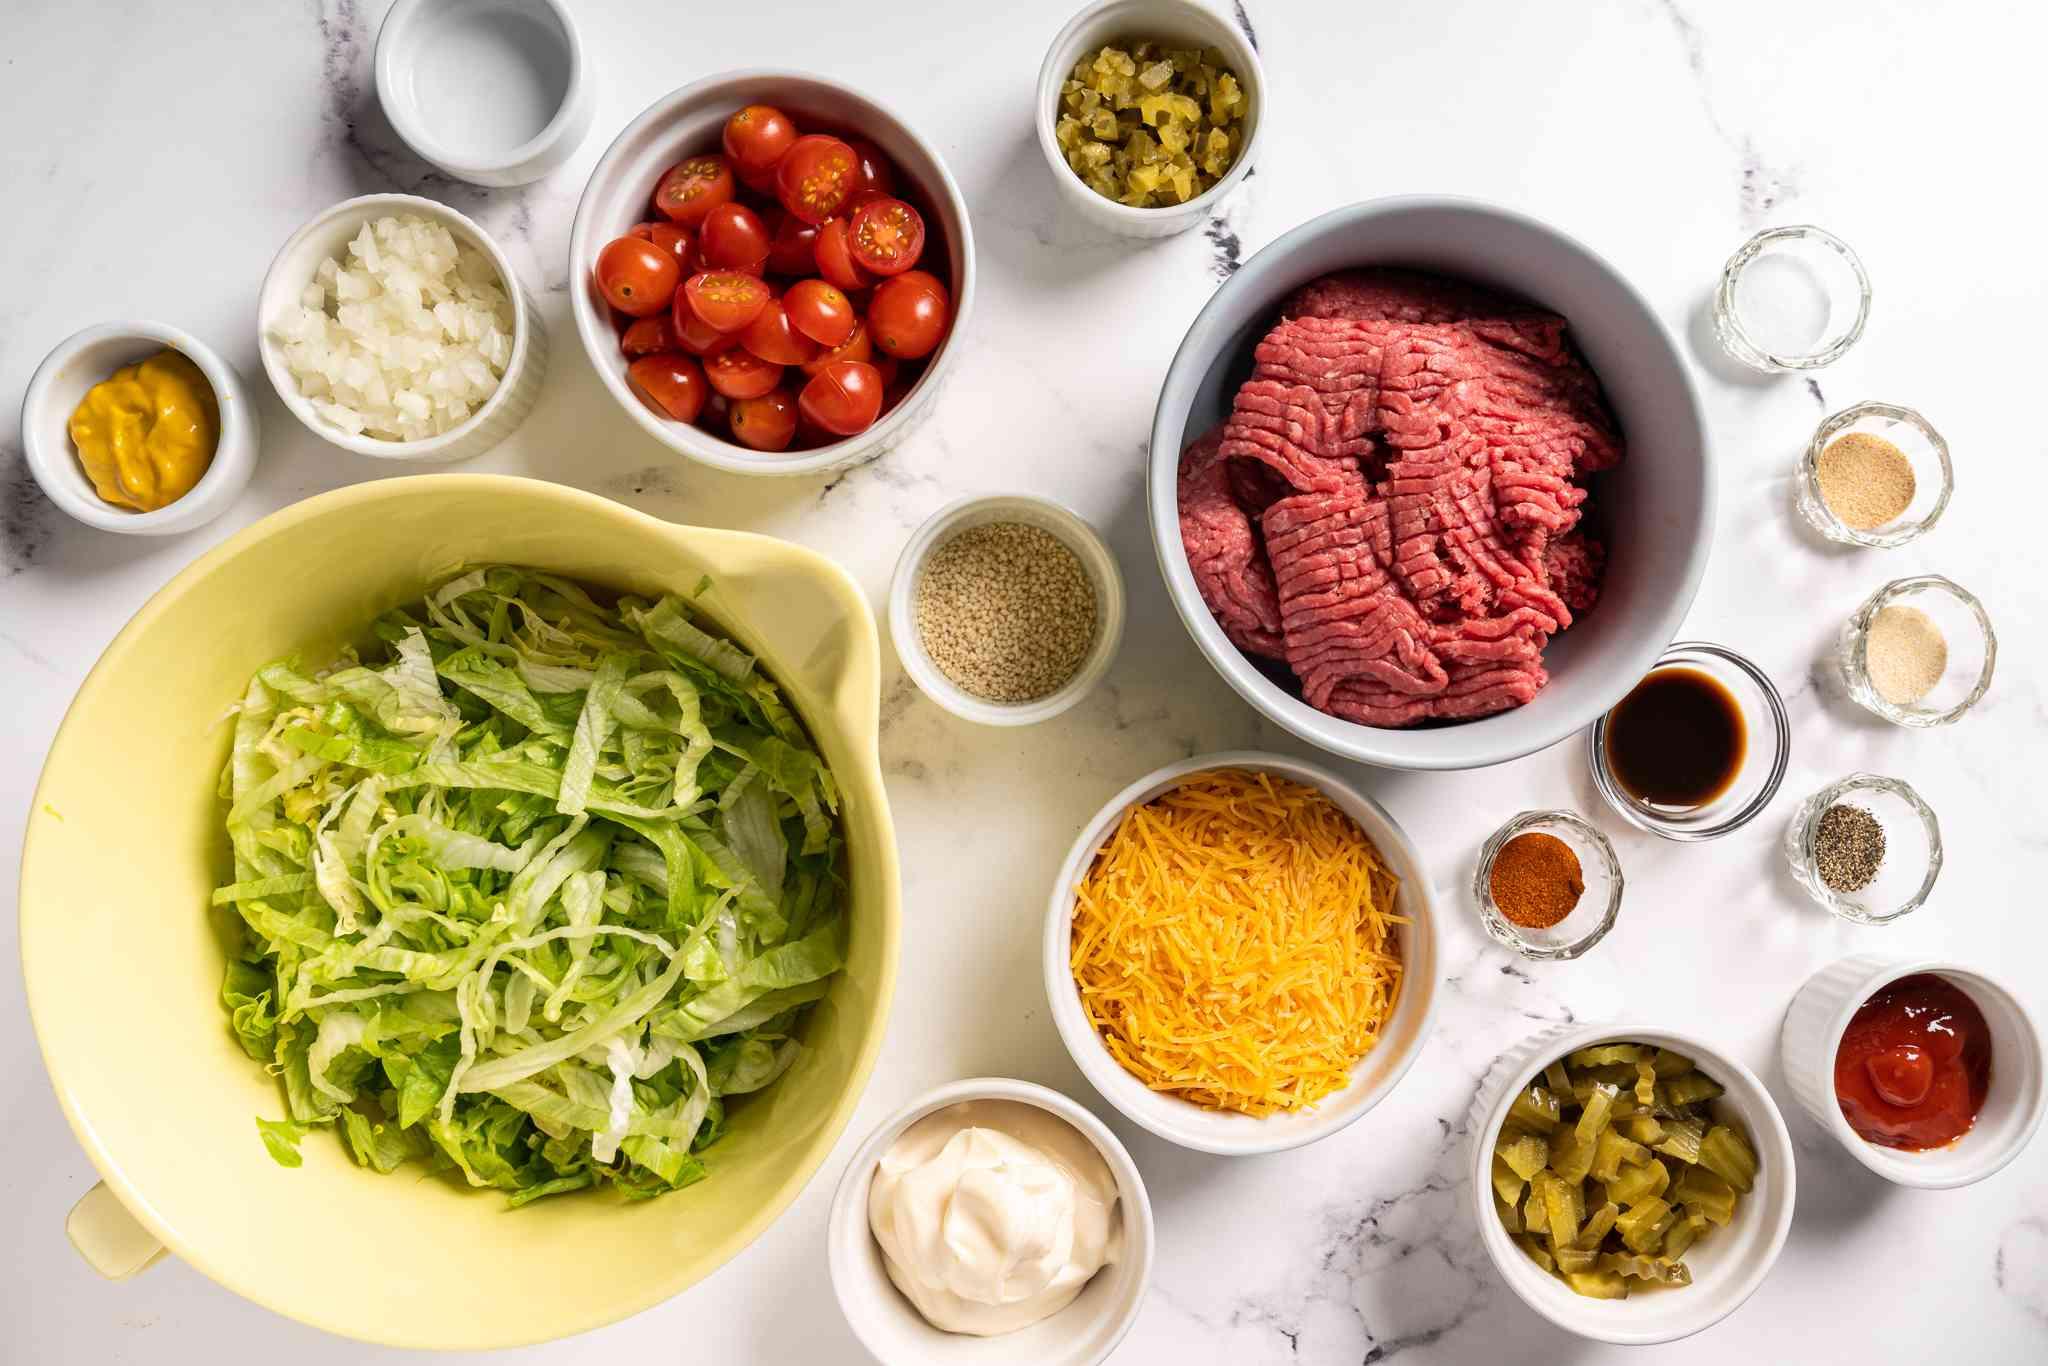 Big Mac Salad ingredients